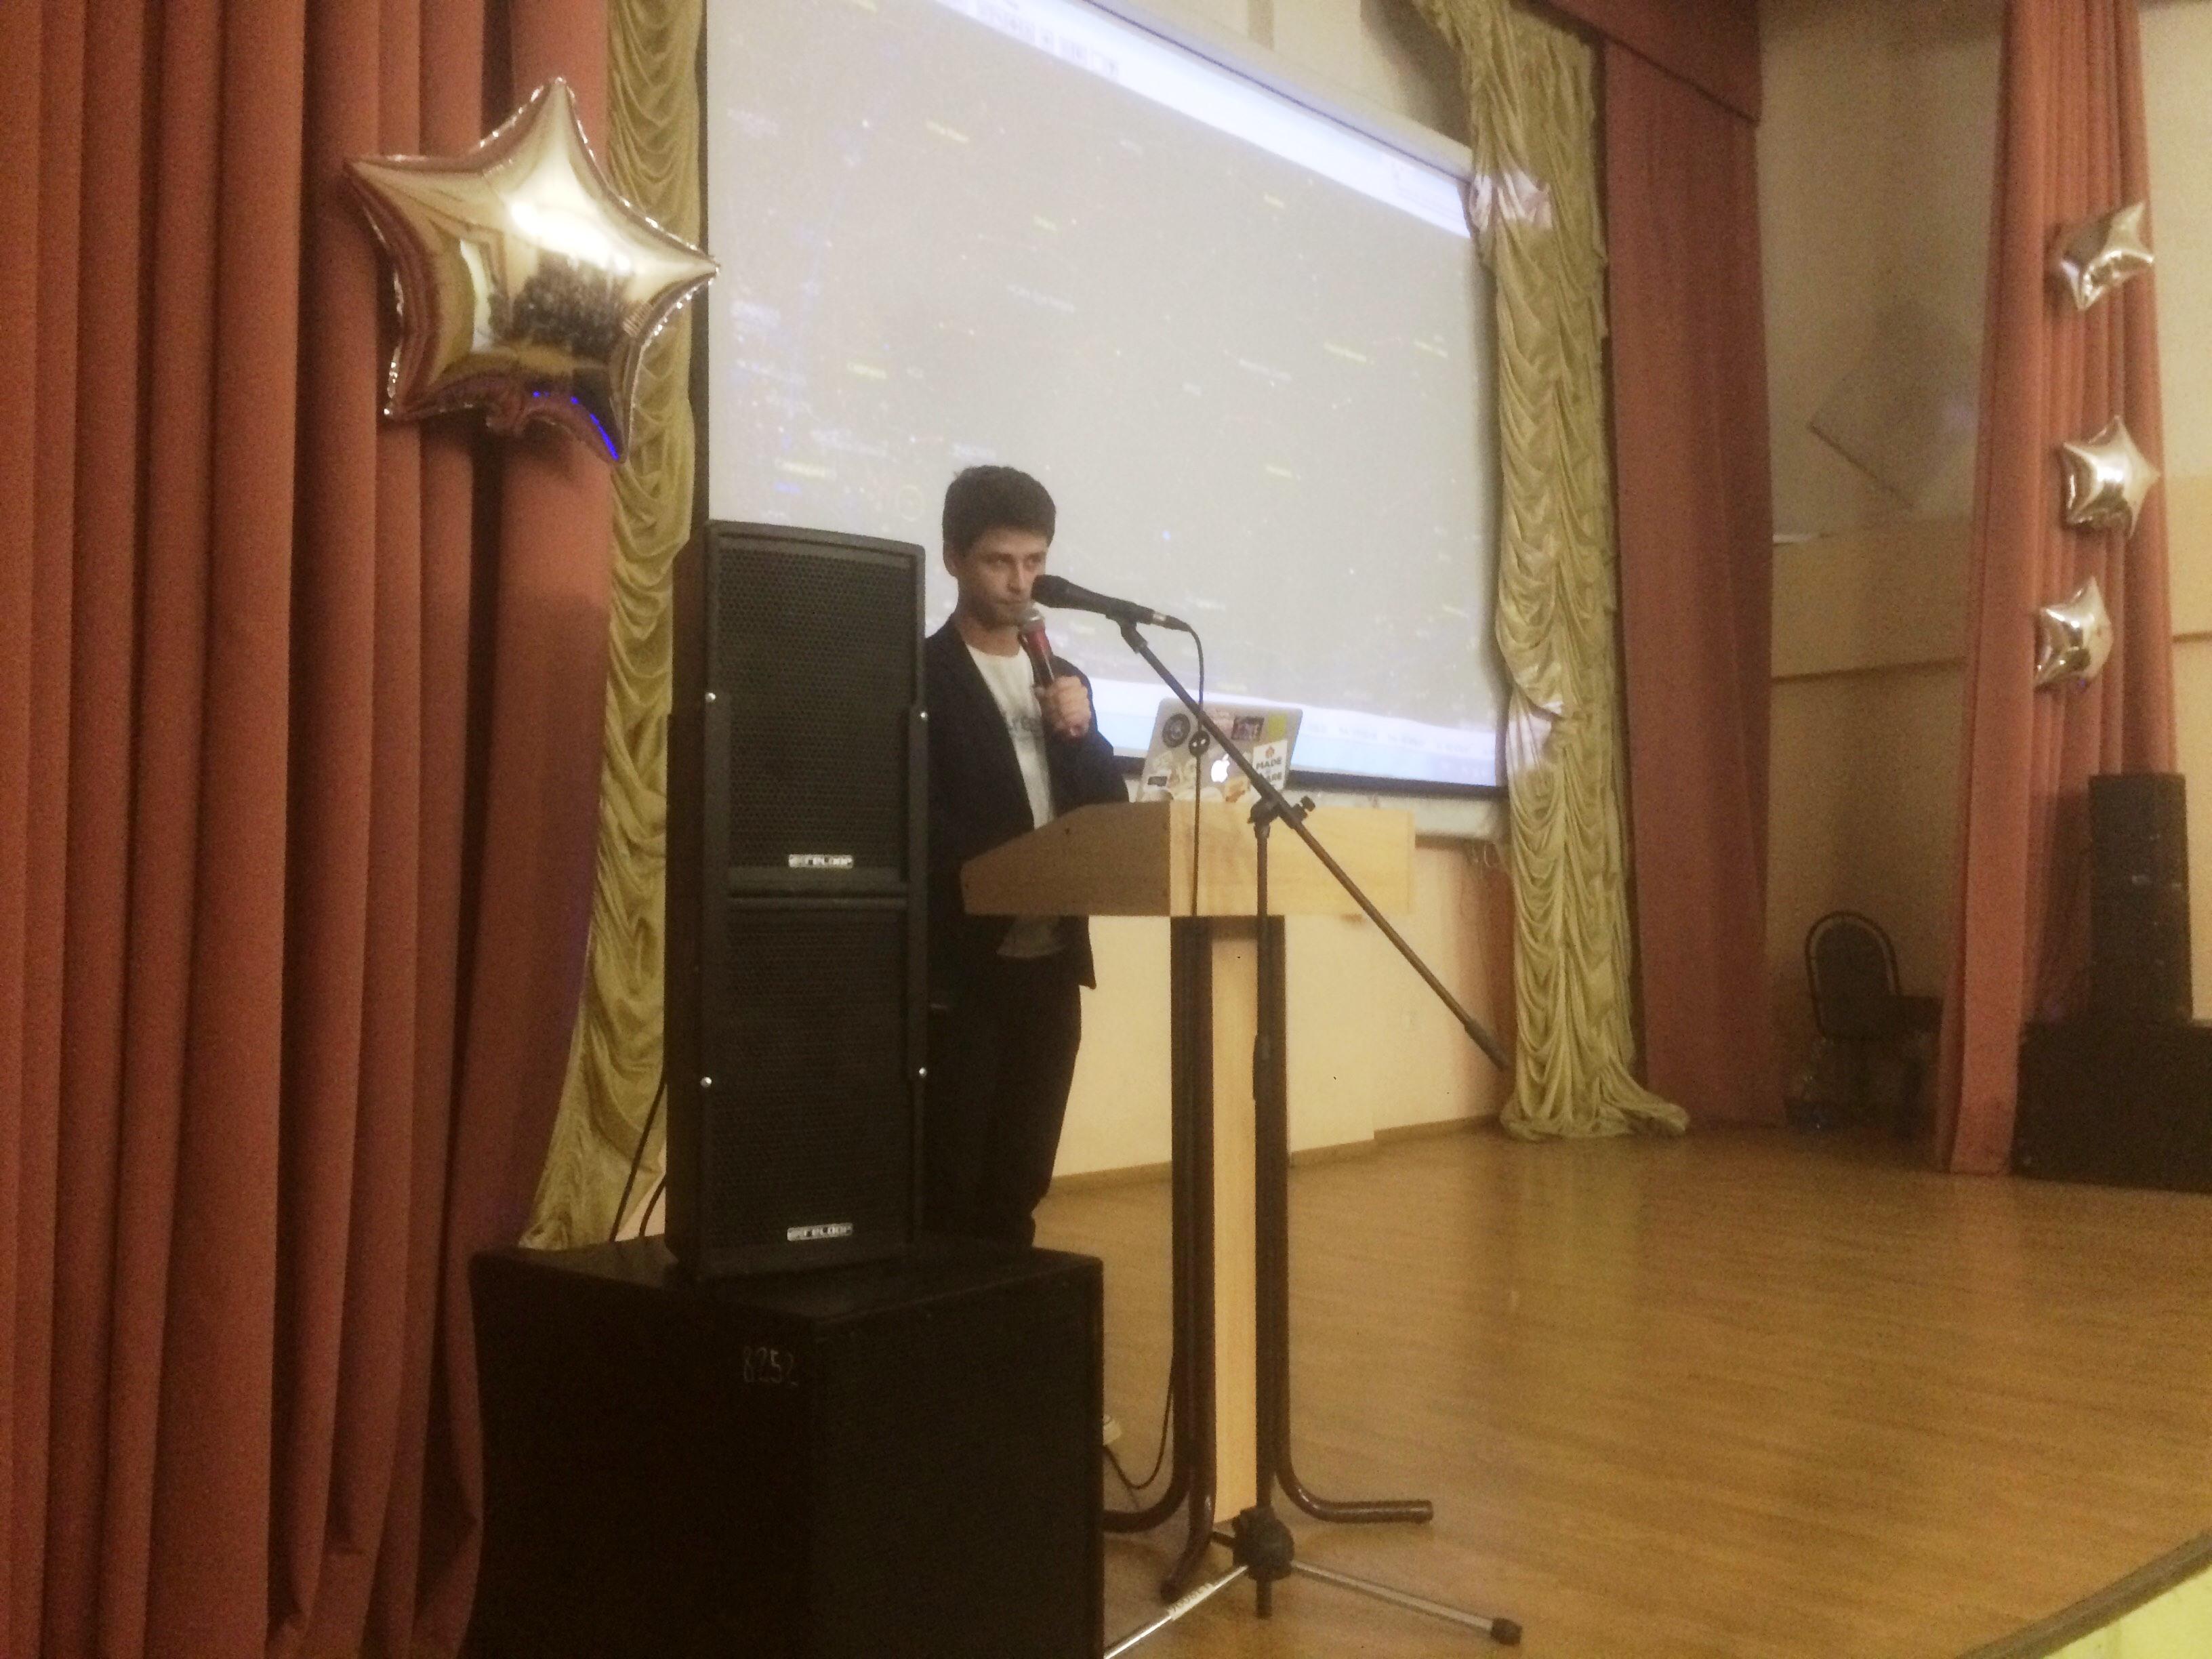 Доклад Н.Е.Самойлова об удаленной школьной обсерватории на базе платформы GreenPL